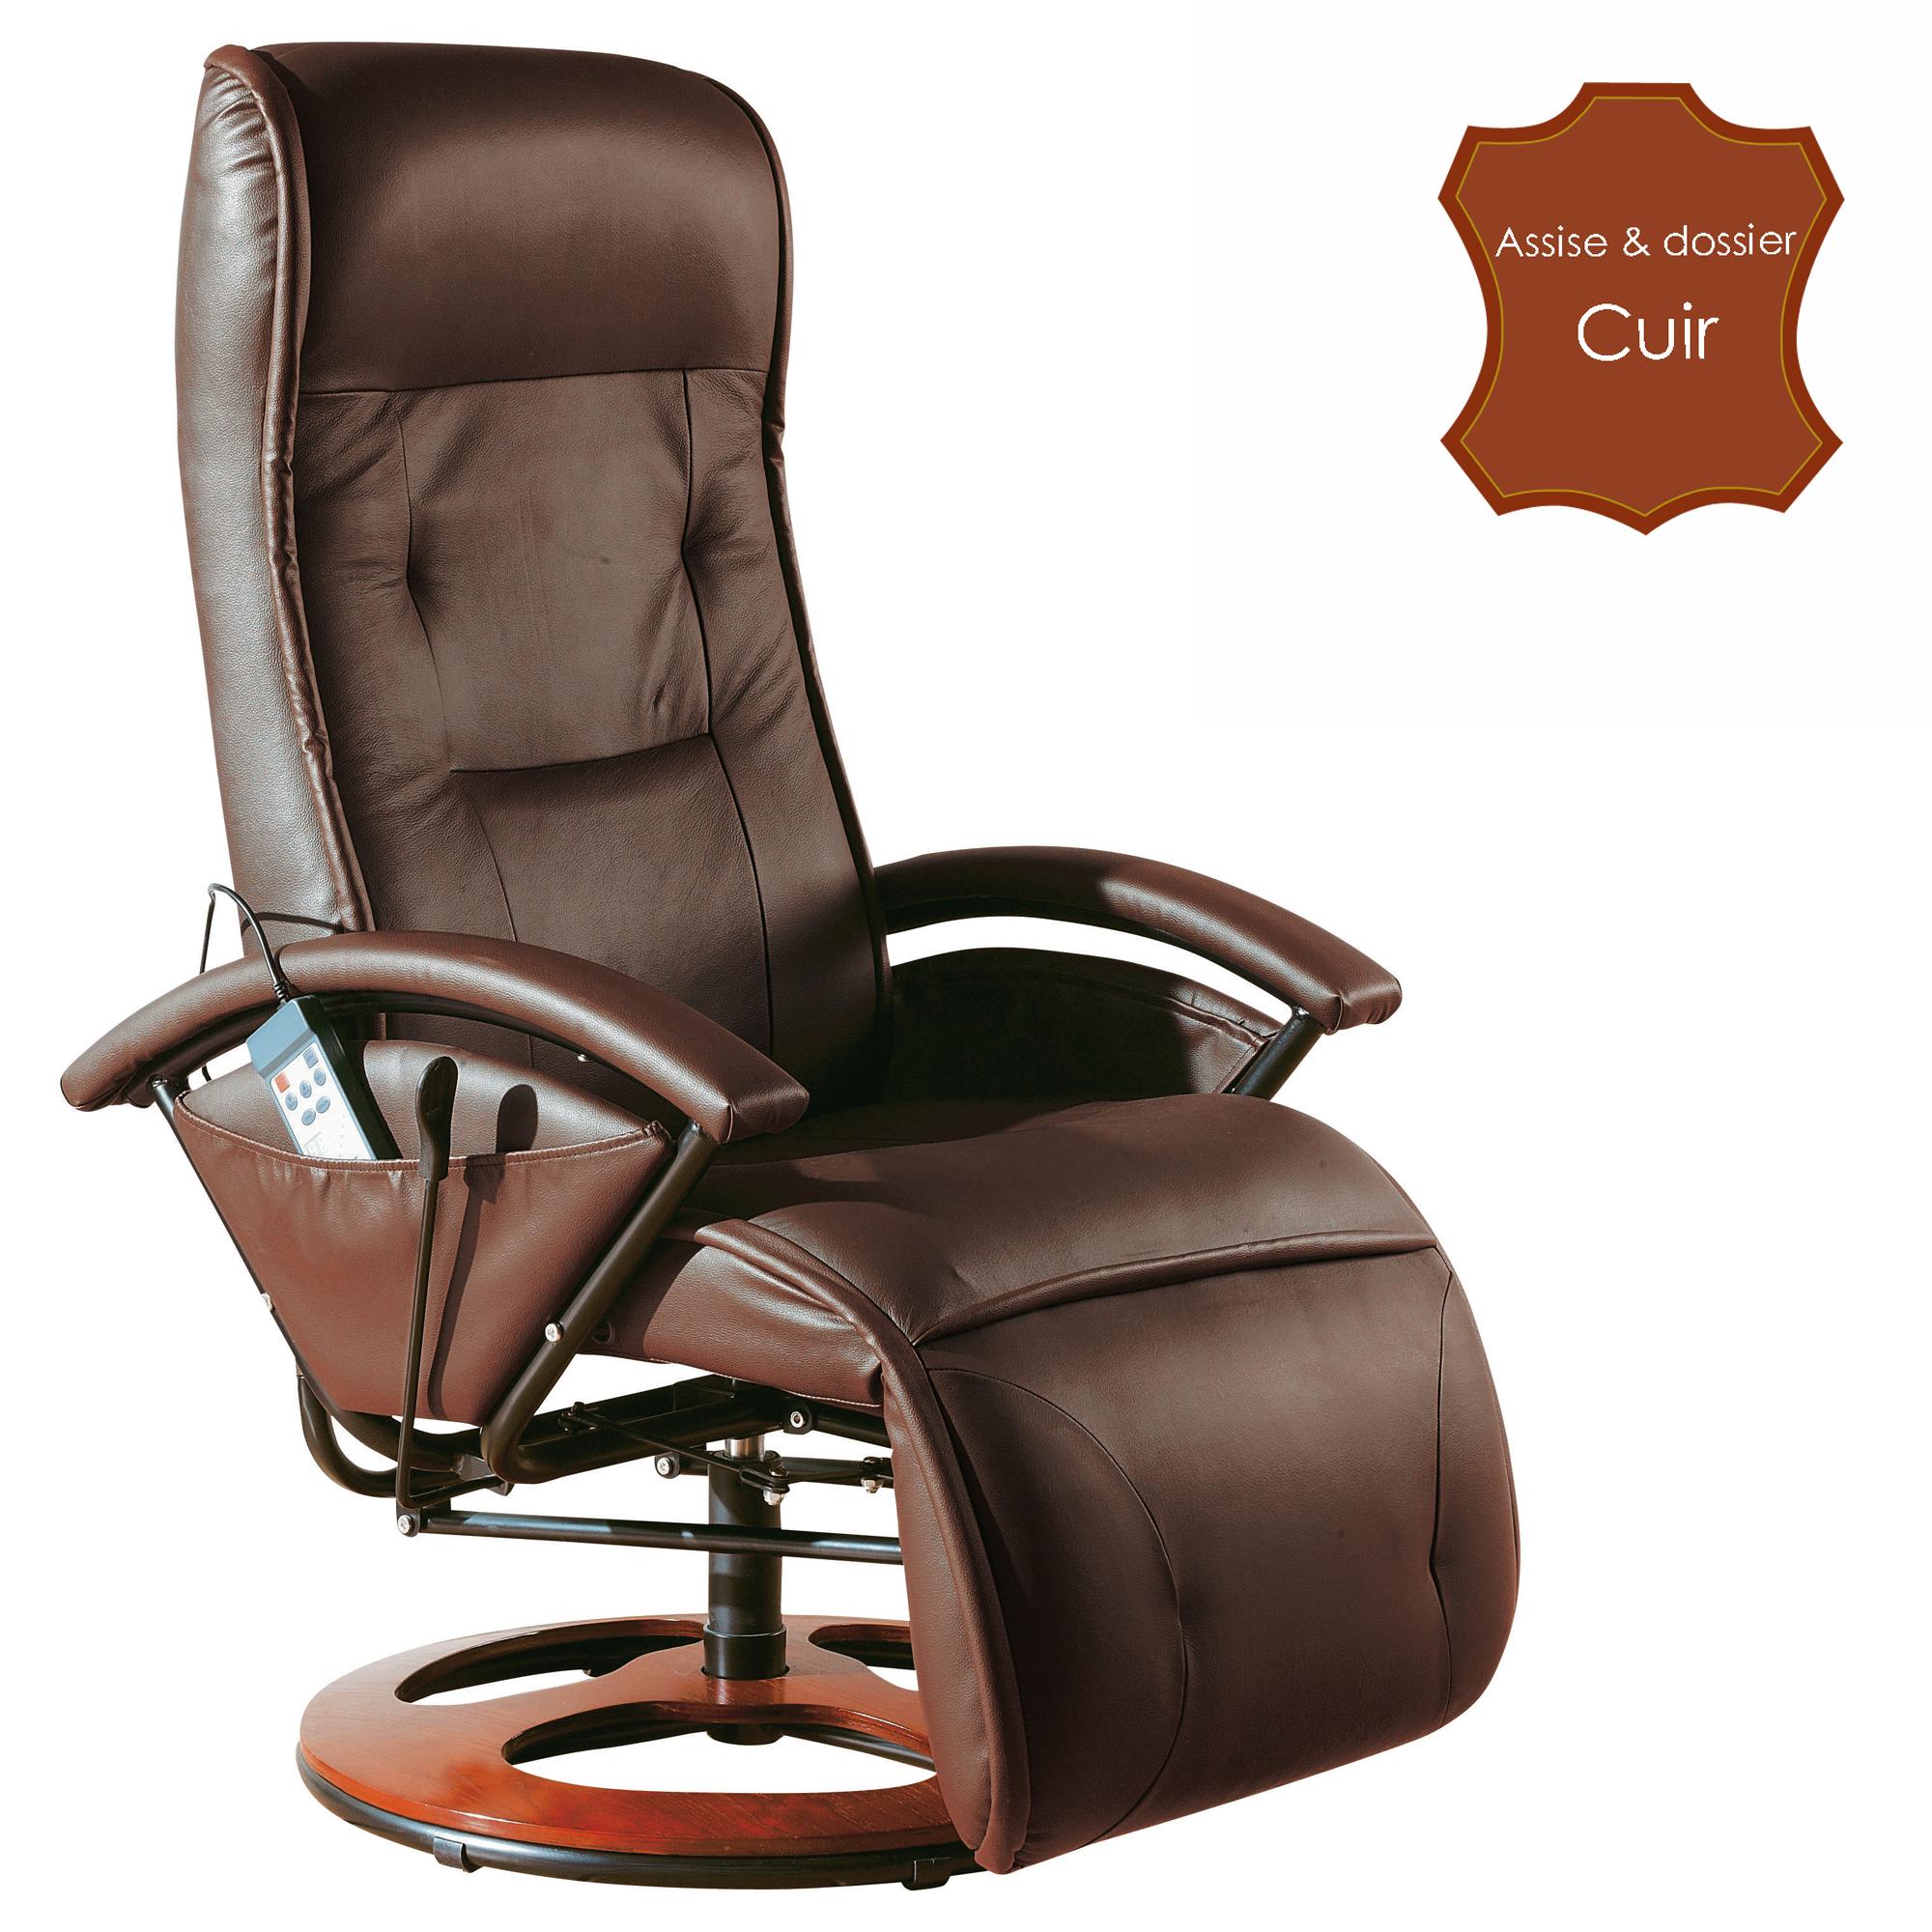 Etag re d 39 angle josephine acheter ce produit au meilleur prix - Meilleur fauteuil massant ...